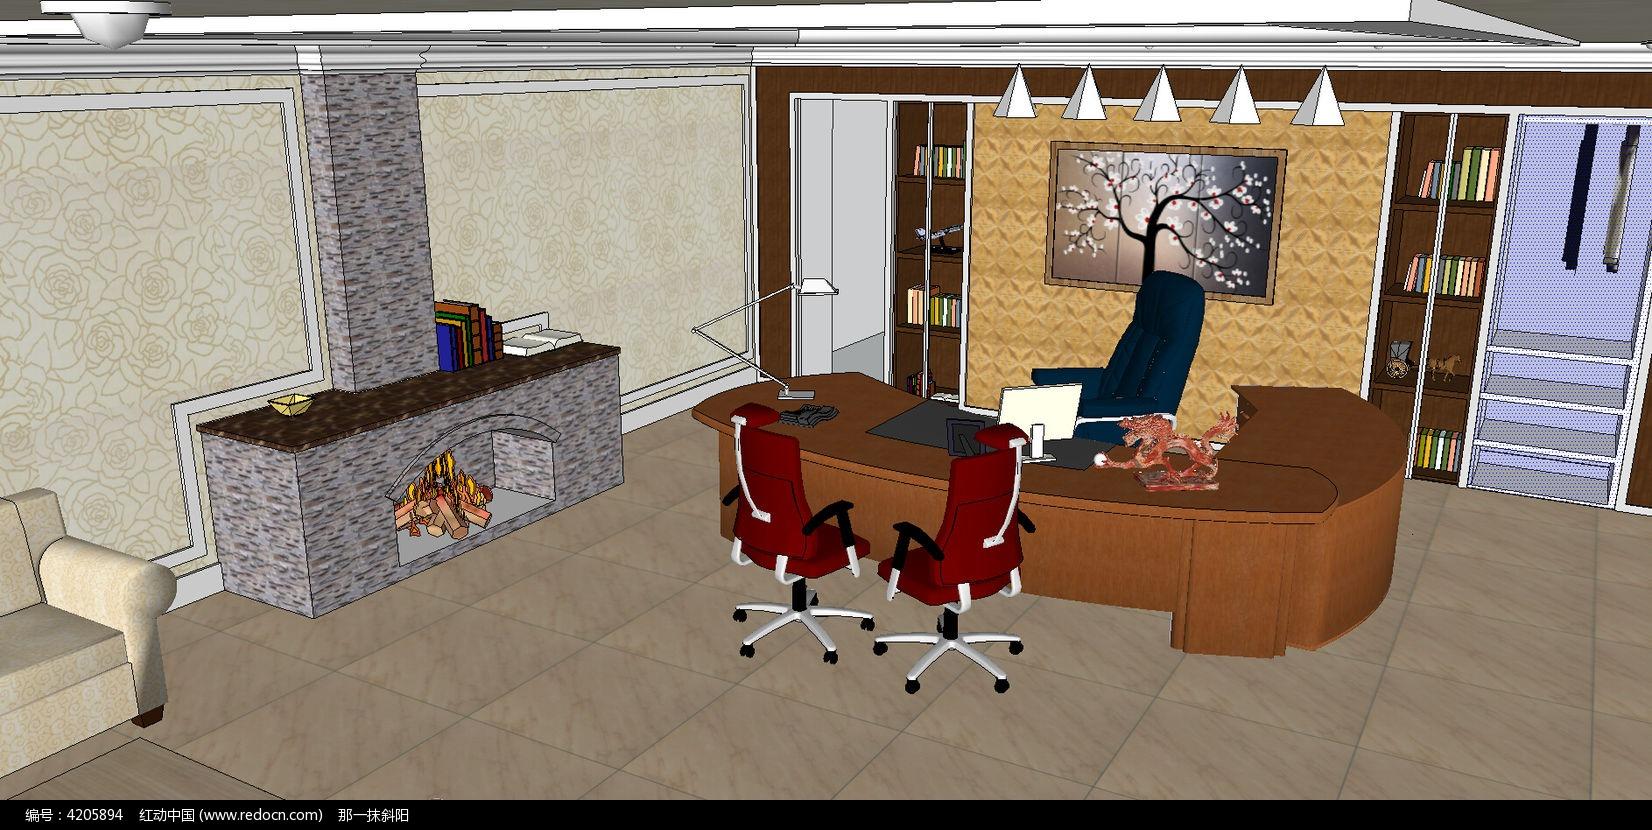 标签:办公室模型 办公室卧室模型 办公室室内设计 办公桌 欧式壁橱